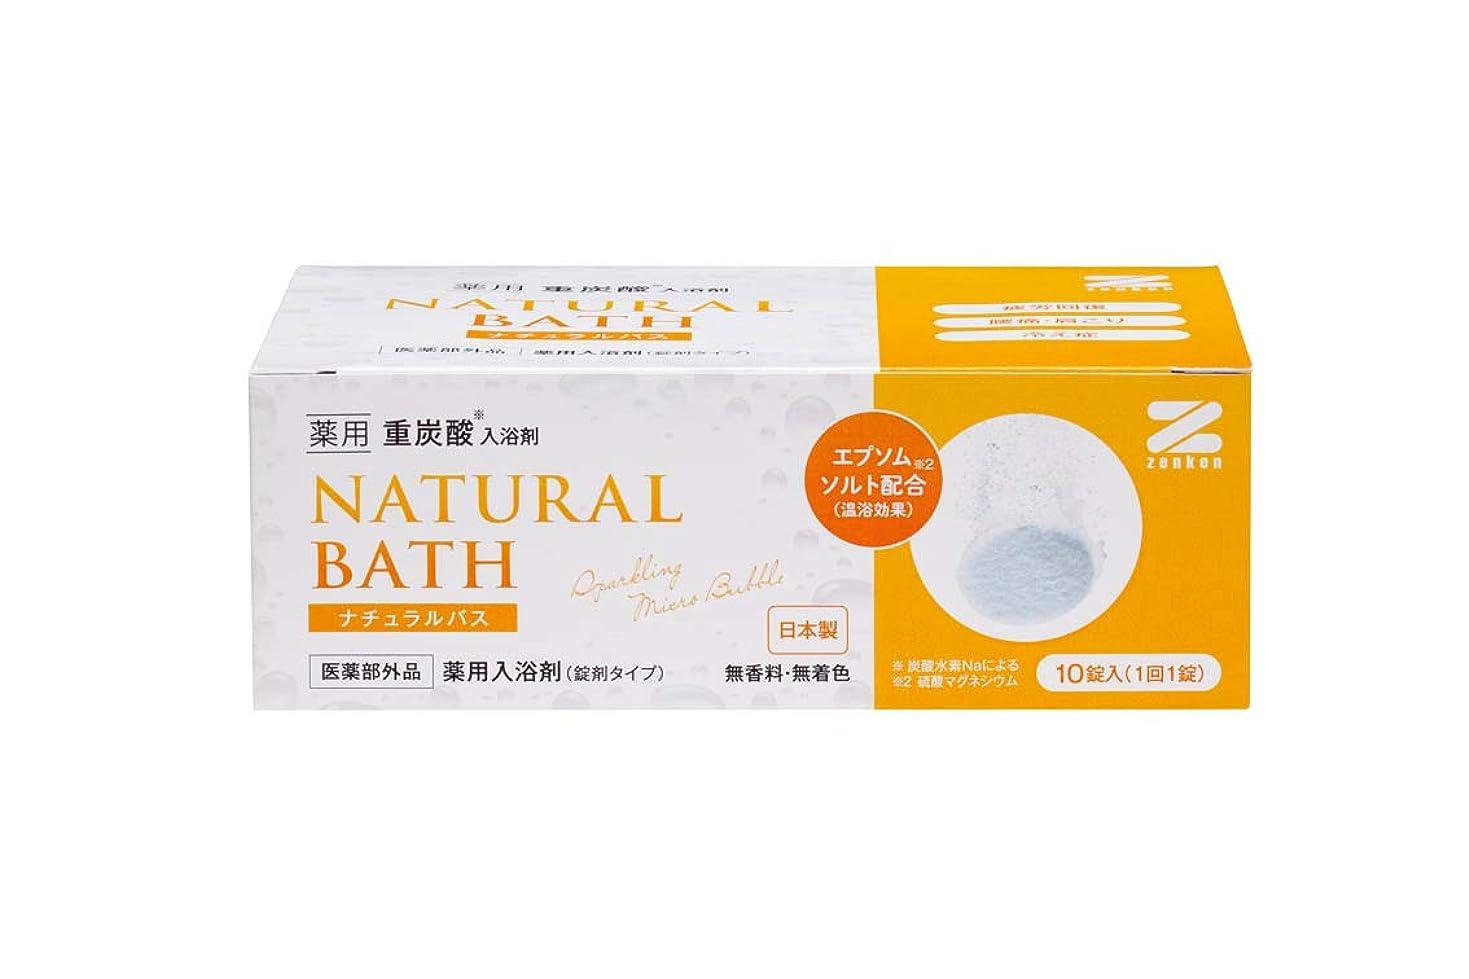 爪パートナーベーカリー薬用 重炭酸入浴剤 ナチュラルバス 10個入り ZNB-10